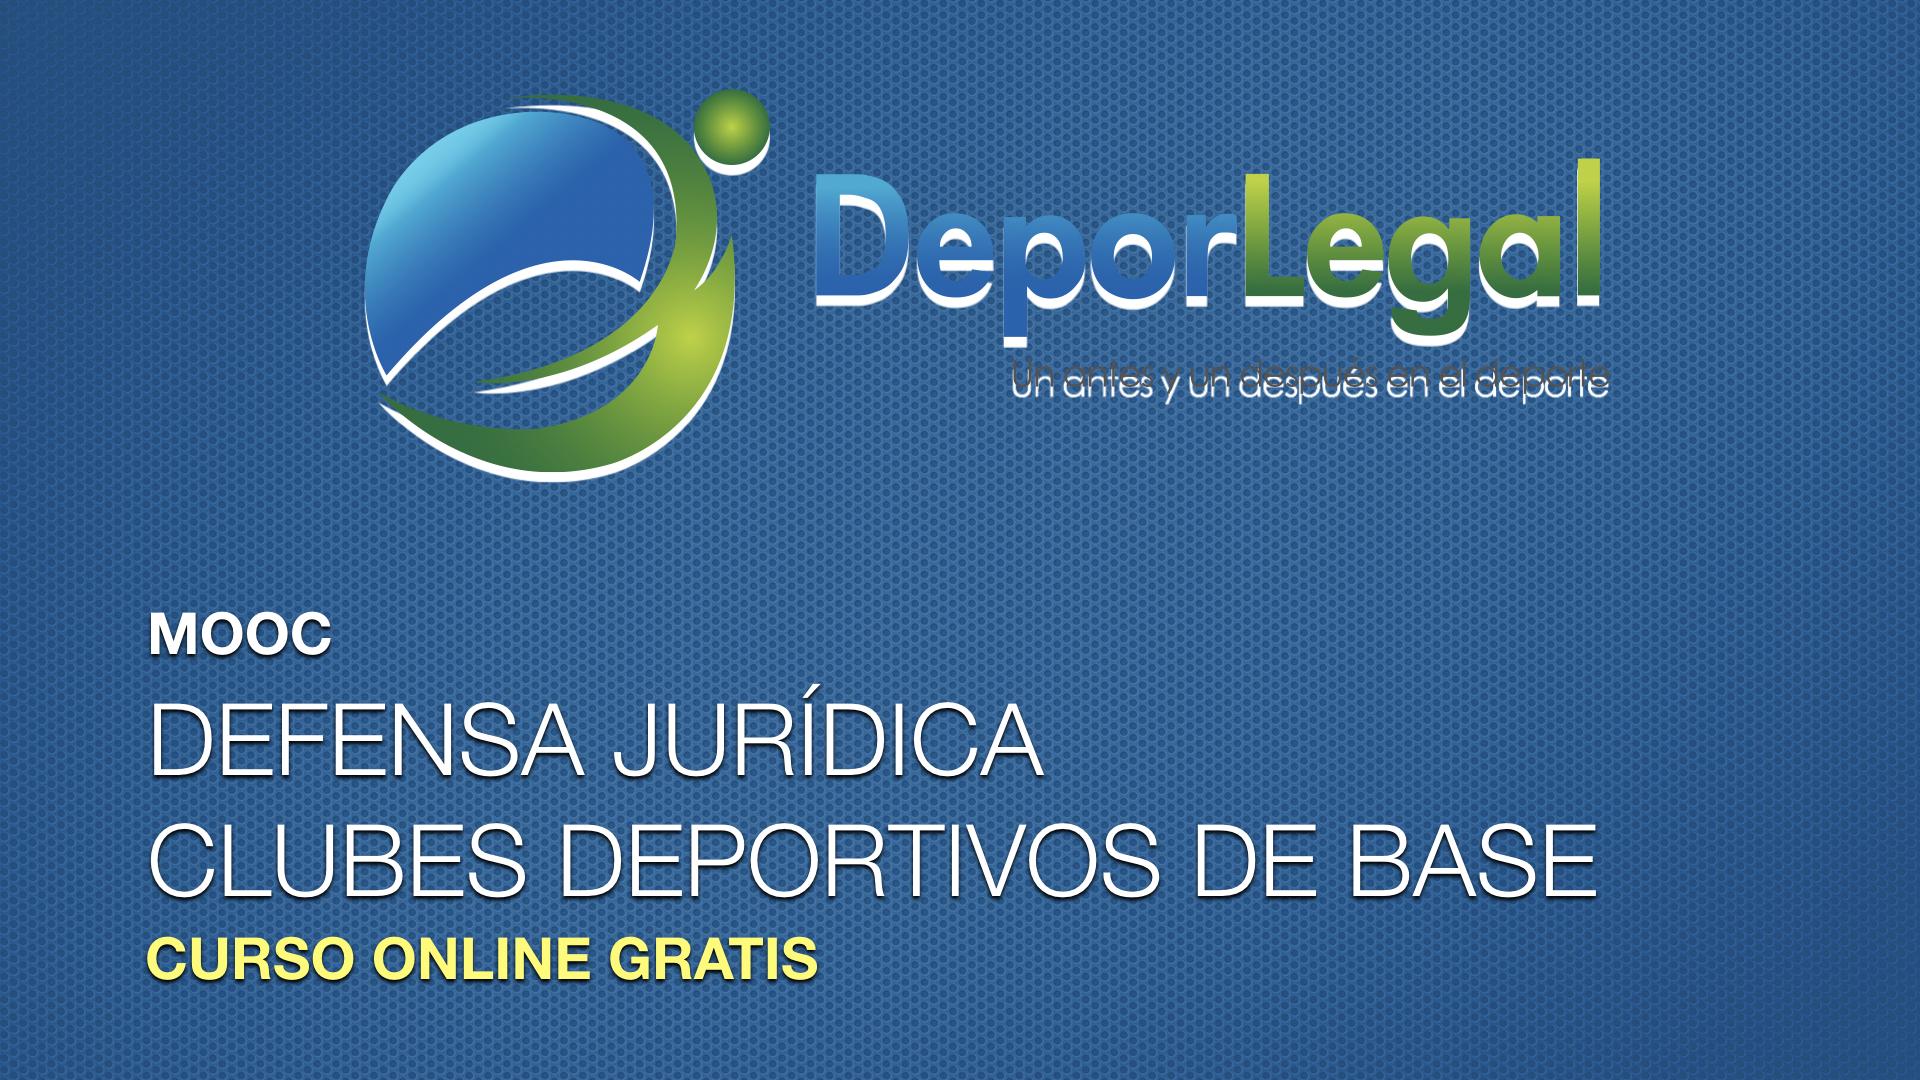 mooc DeporLegal.001